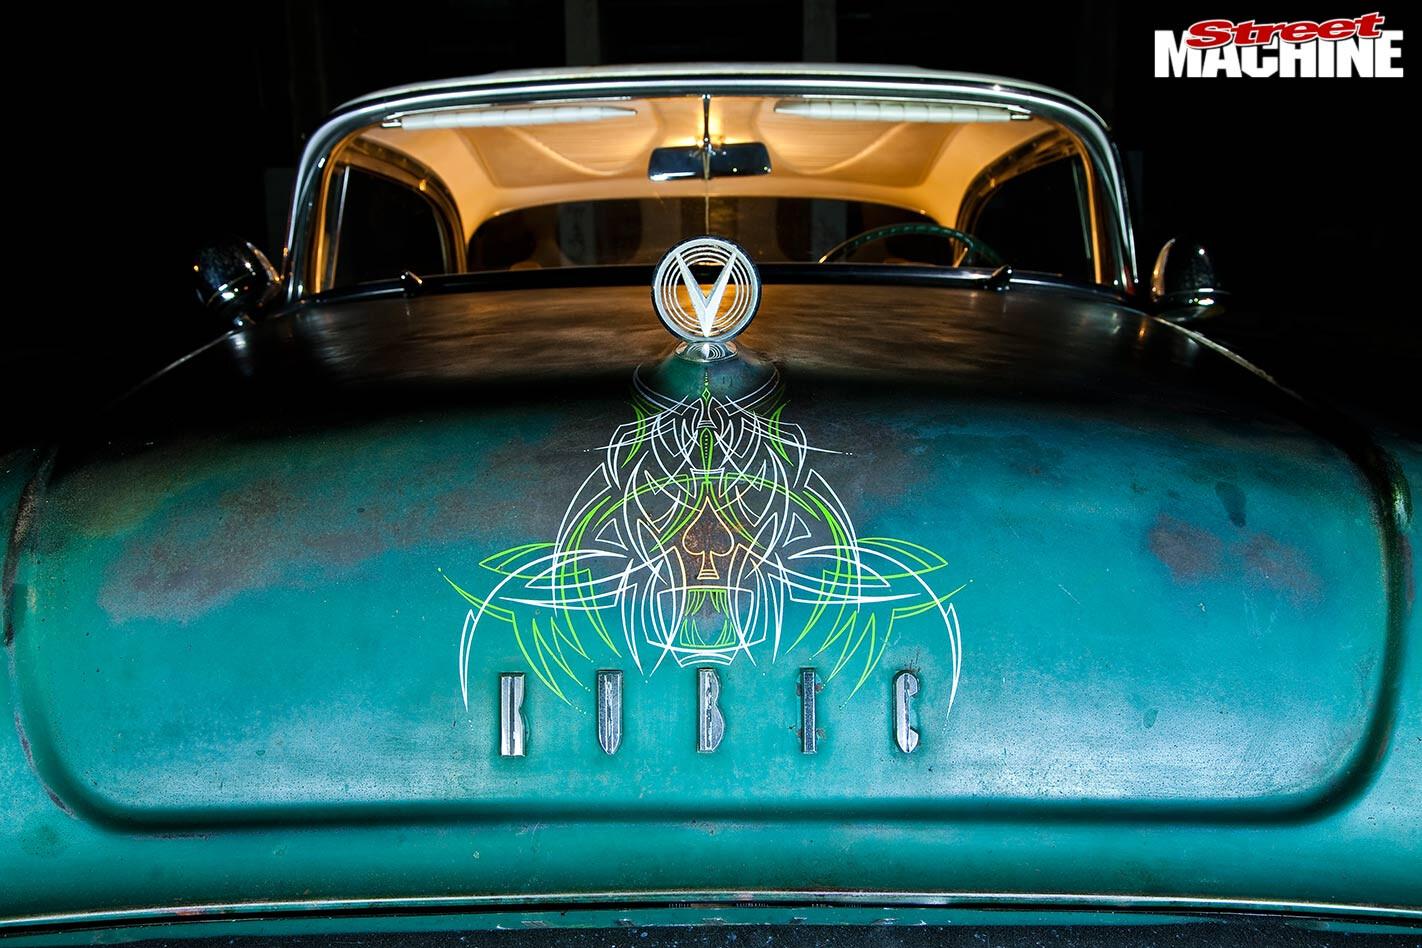 Buick Century bonnet